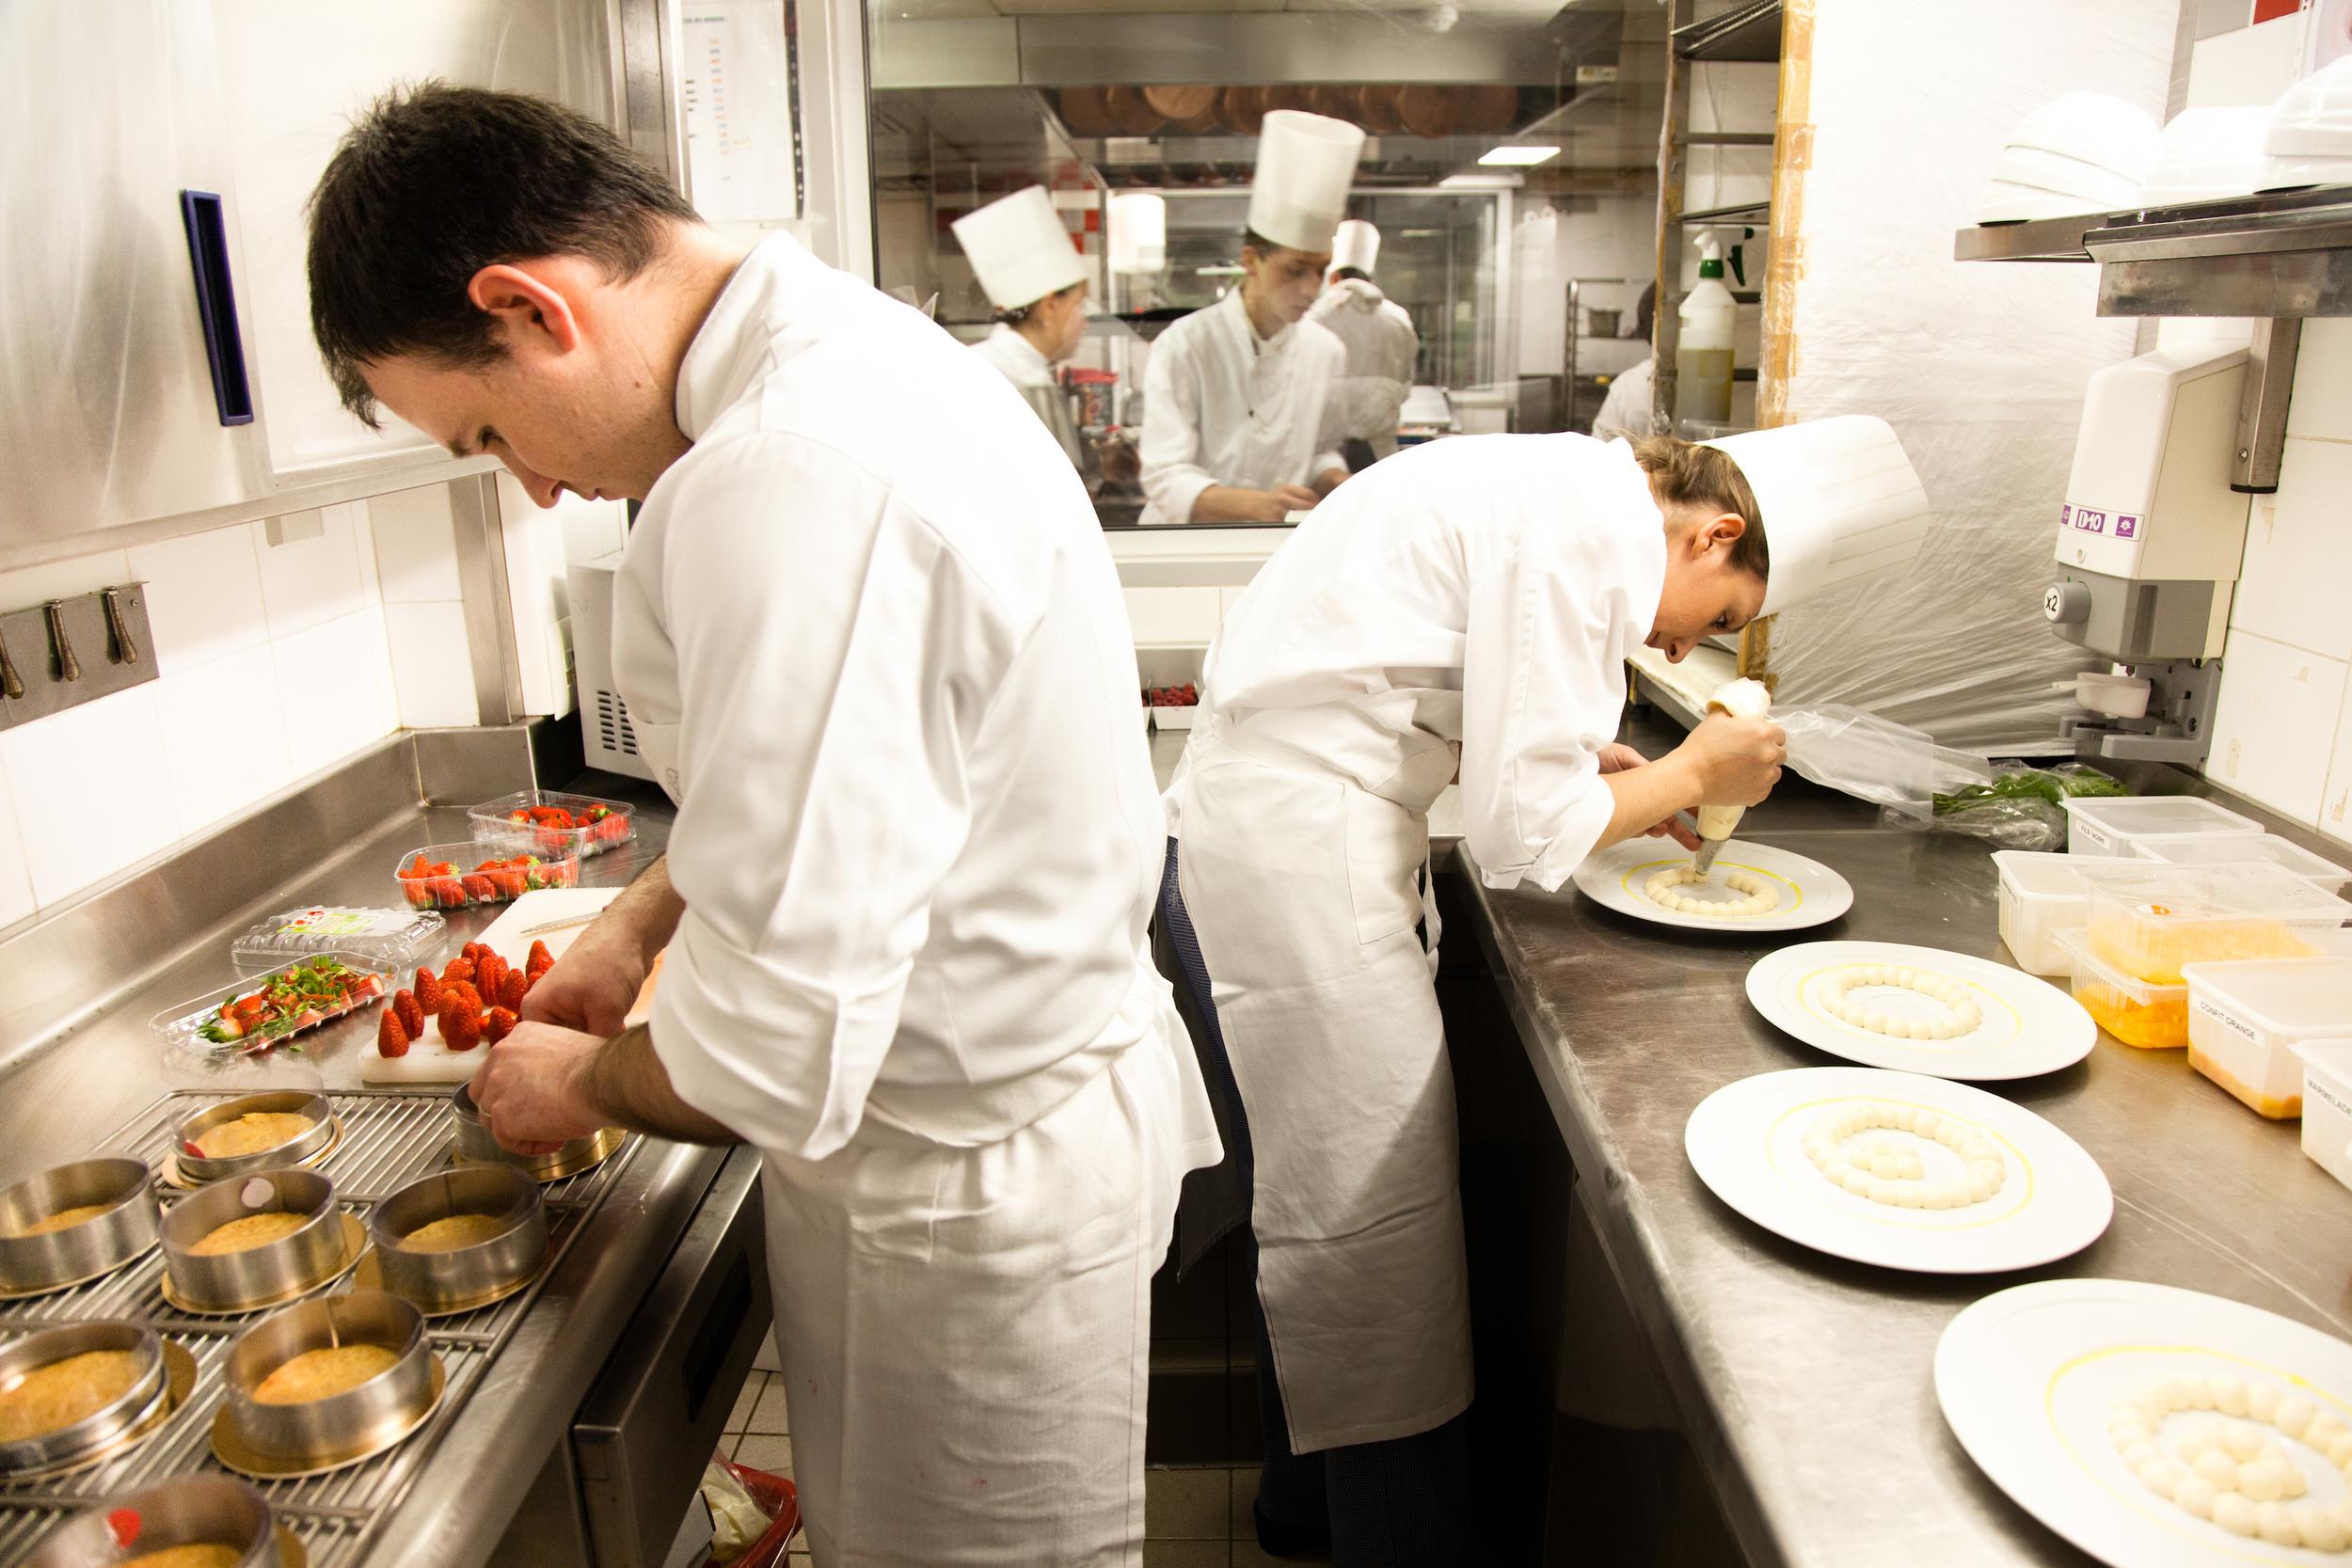 Stéphane Tranchet et Marie Meunier dressent les desserts du restaurant Cour Jardin. © T. Caron